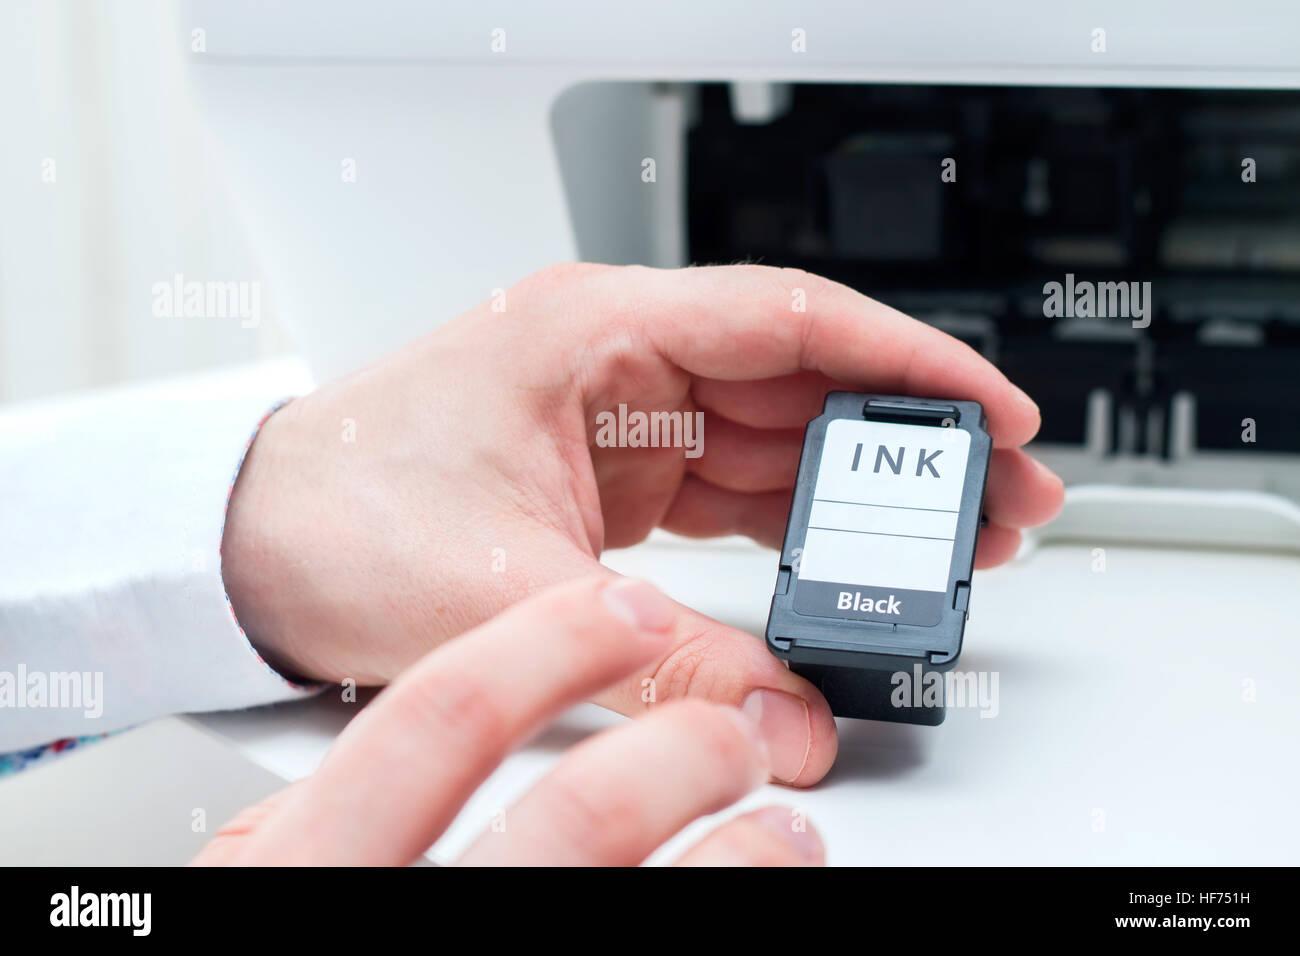 Man replace black ink cartridge in white printer - Stock Image